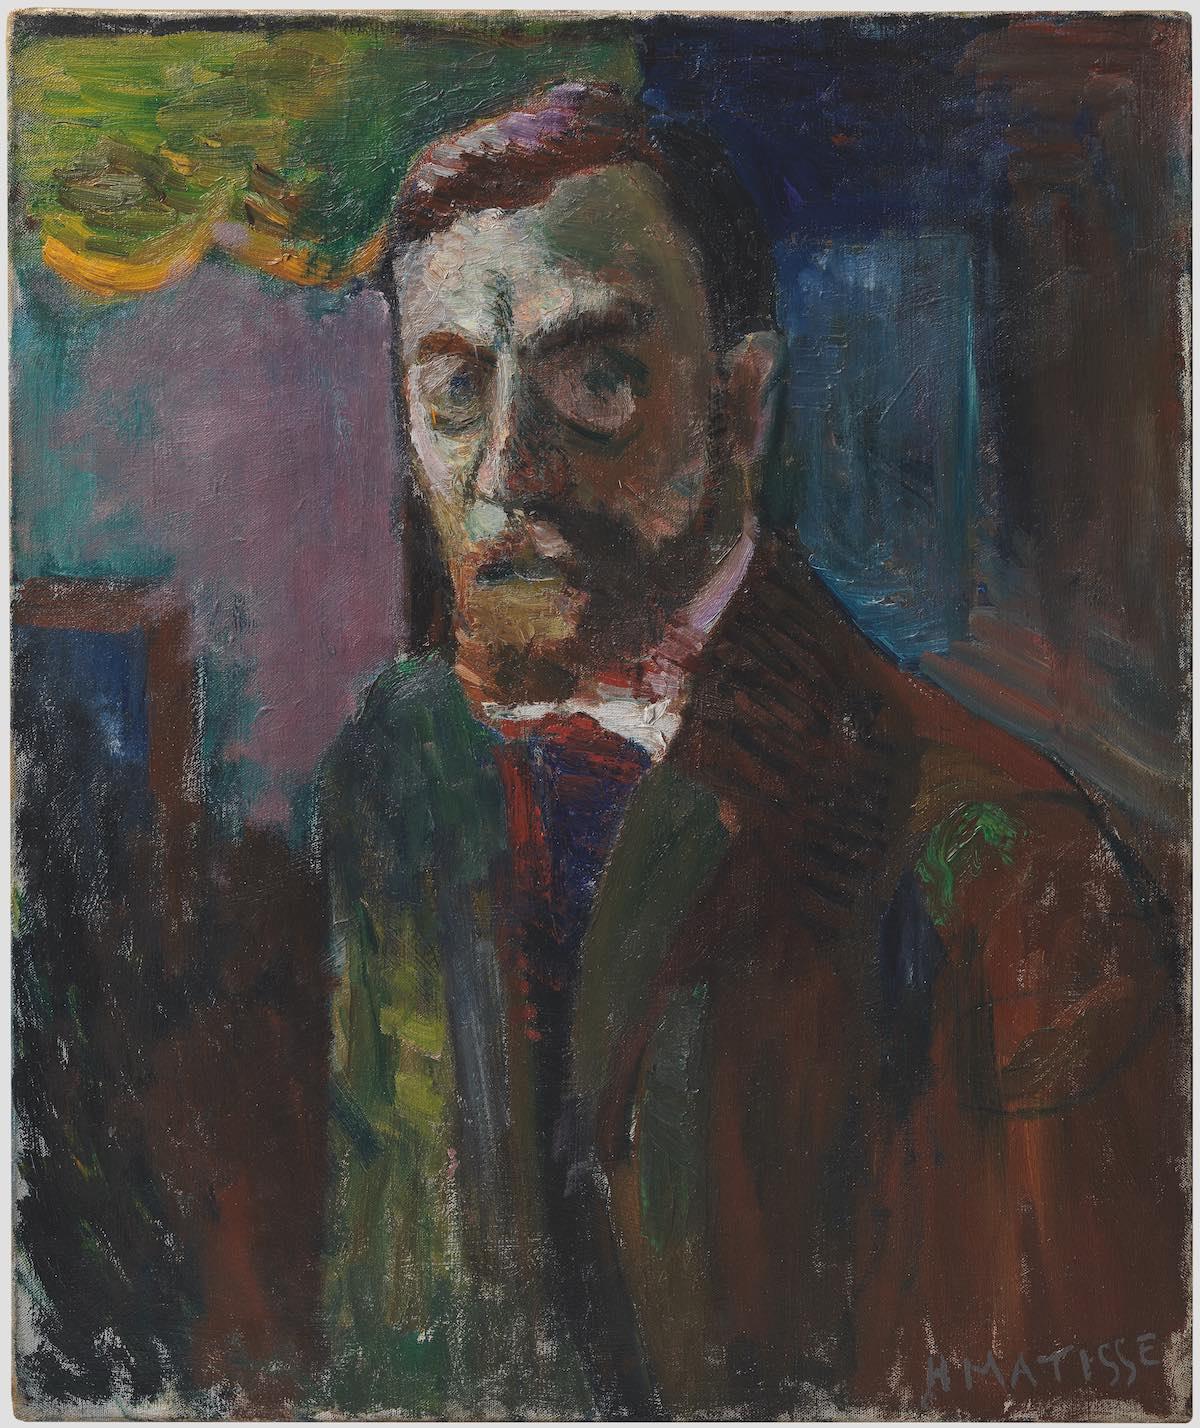 Henri MatisseAutoportrait, 1900Huile sur toile55 × 46 cmCentre Pompidou, Musée national d'art moderne, Paris